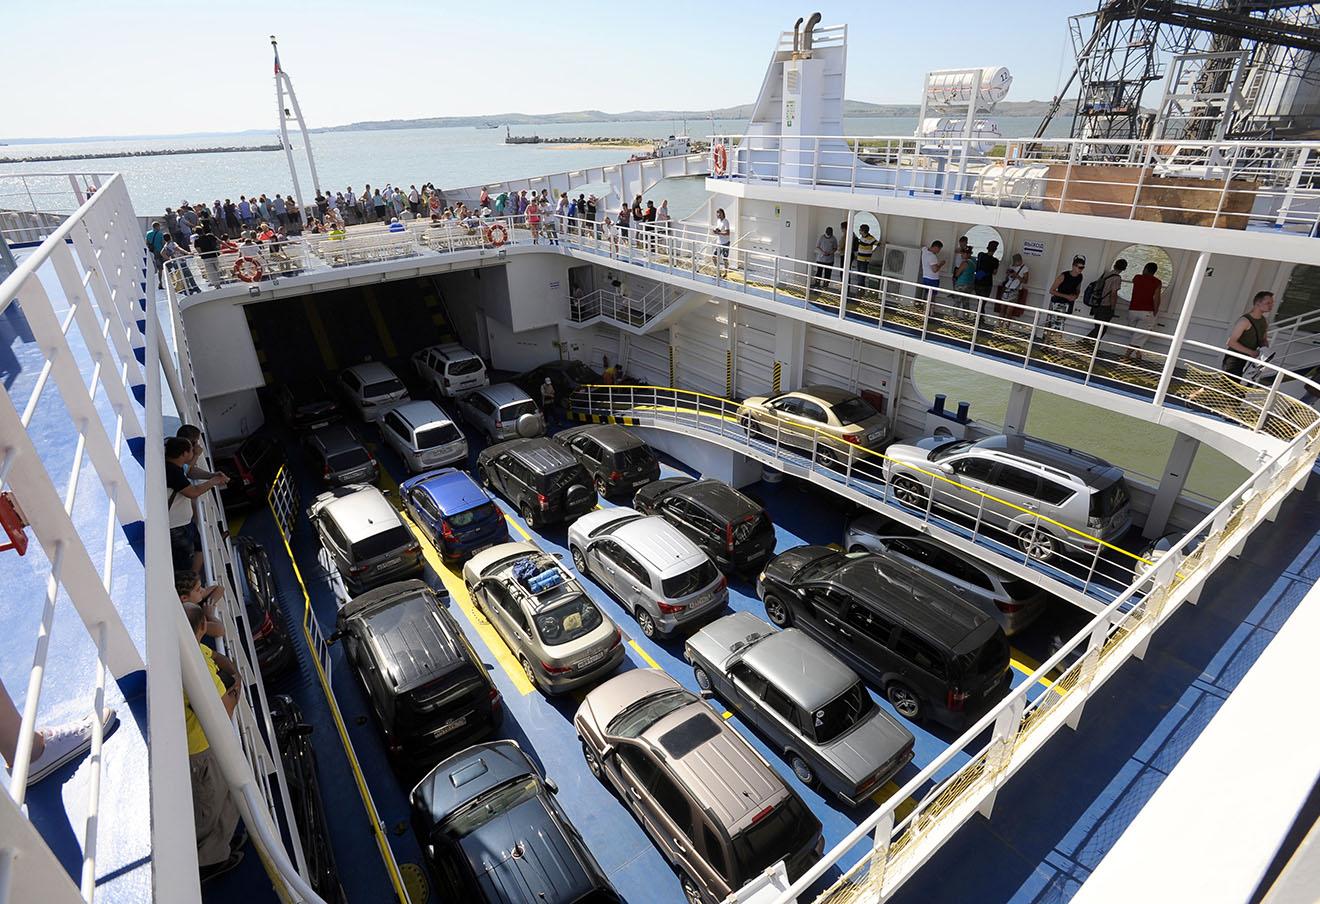 Пассажиры на паромной переправе «Крым» в Керчи.